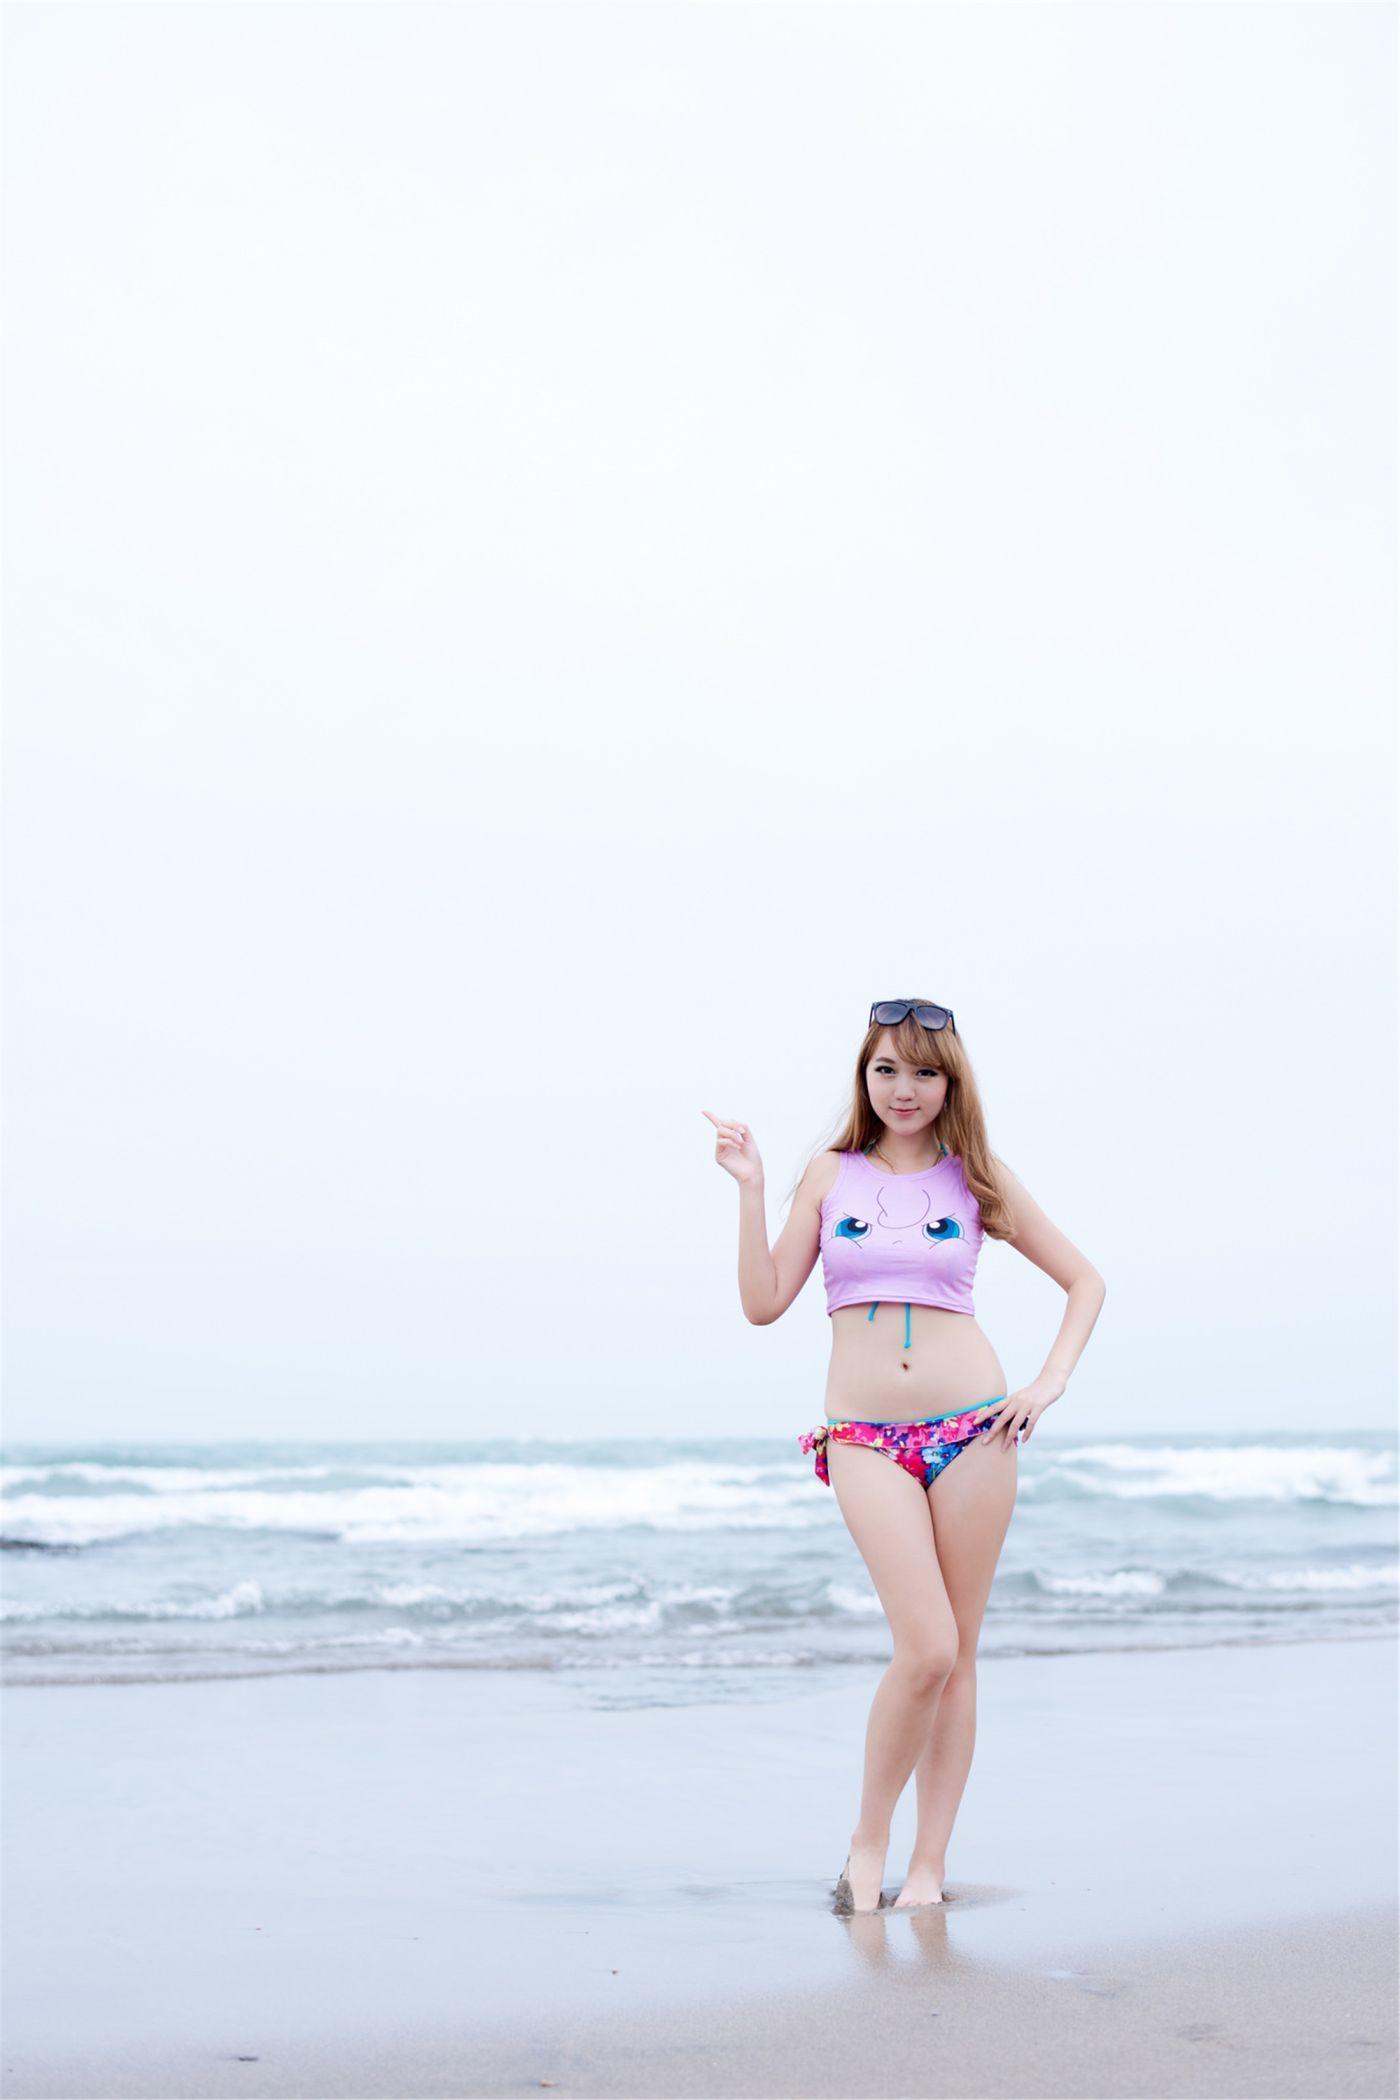 VOL.775 [台湾正妹]美胸妹子肉感美女丰满:黄镫娴(腿模Neko)超高清个人性感漂亮大图(36P)